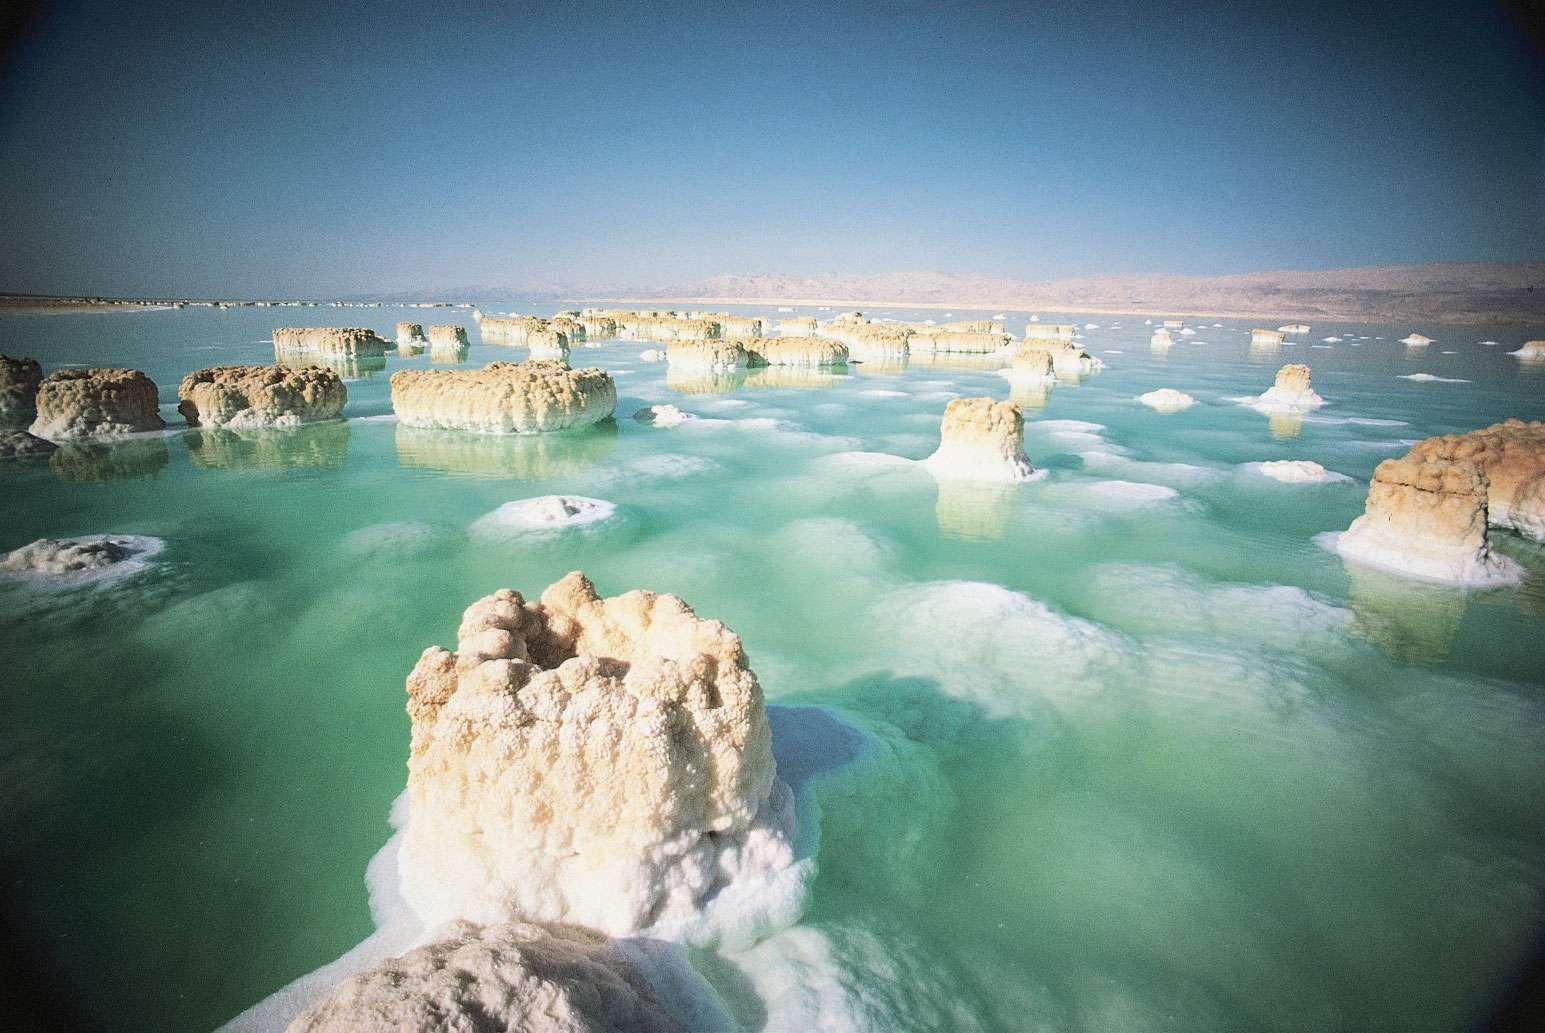 Sans les impacts de grands corps célestes pendant l'Hadéen, les océans de la Terre auraient peut-être tous été aussi salés que la mer Morte (à l'image). © 2011, Grand Tours